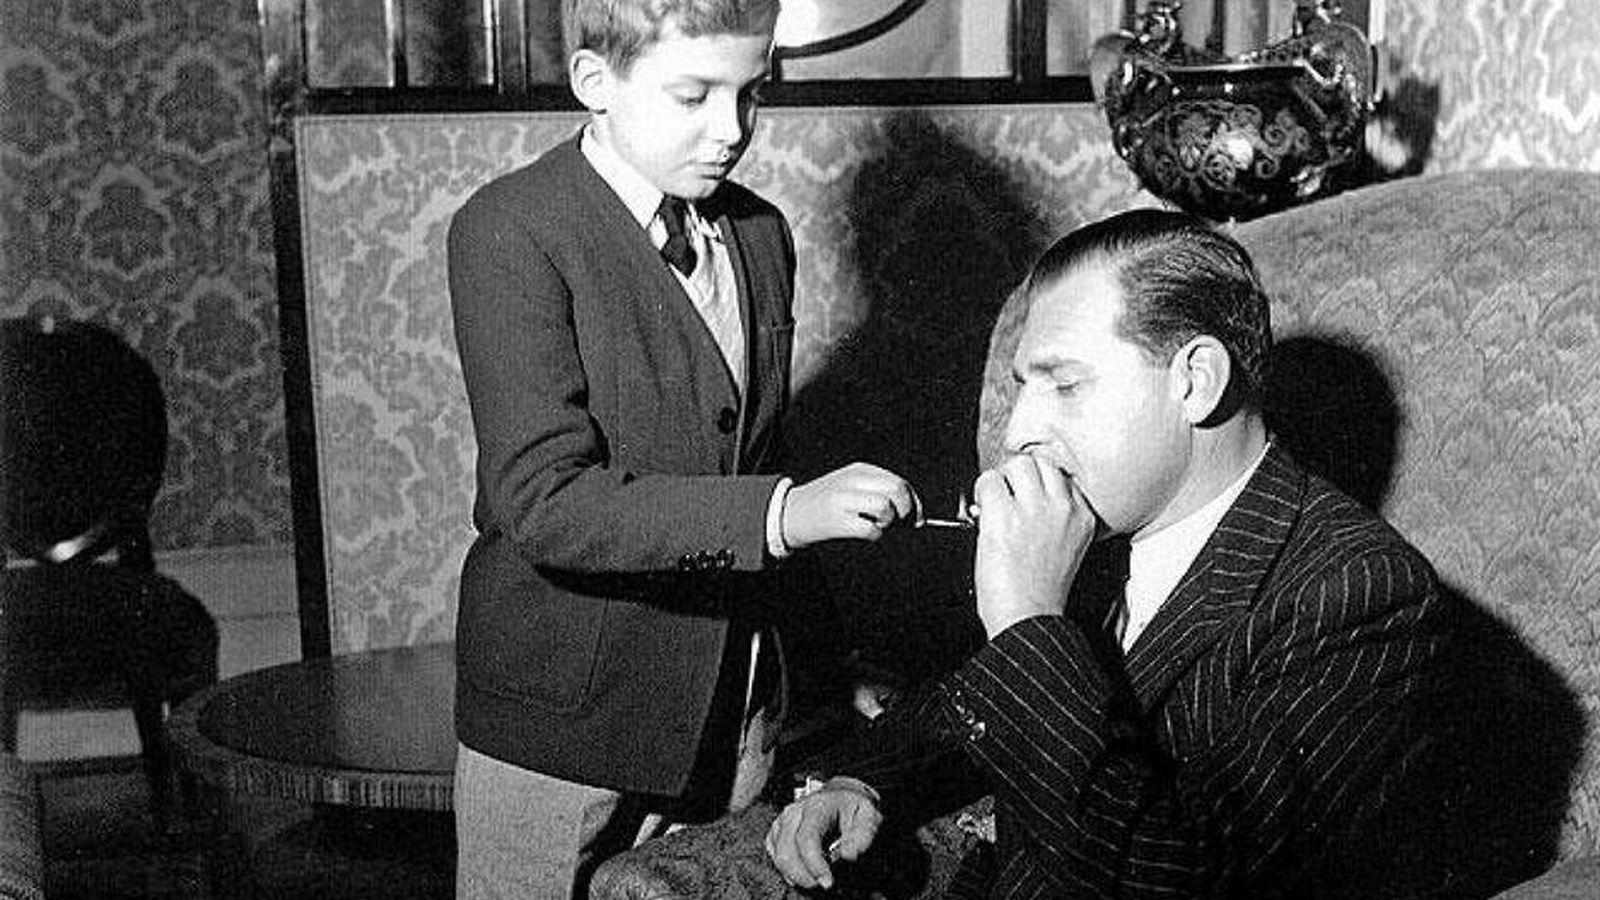 Foto: El príncipe Juanito, como familiarmente se le llamaba, encendiendo un cigarrillo a su padre, el conde de Barcelona. (Foto: Casa Real)